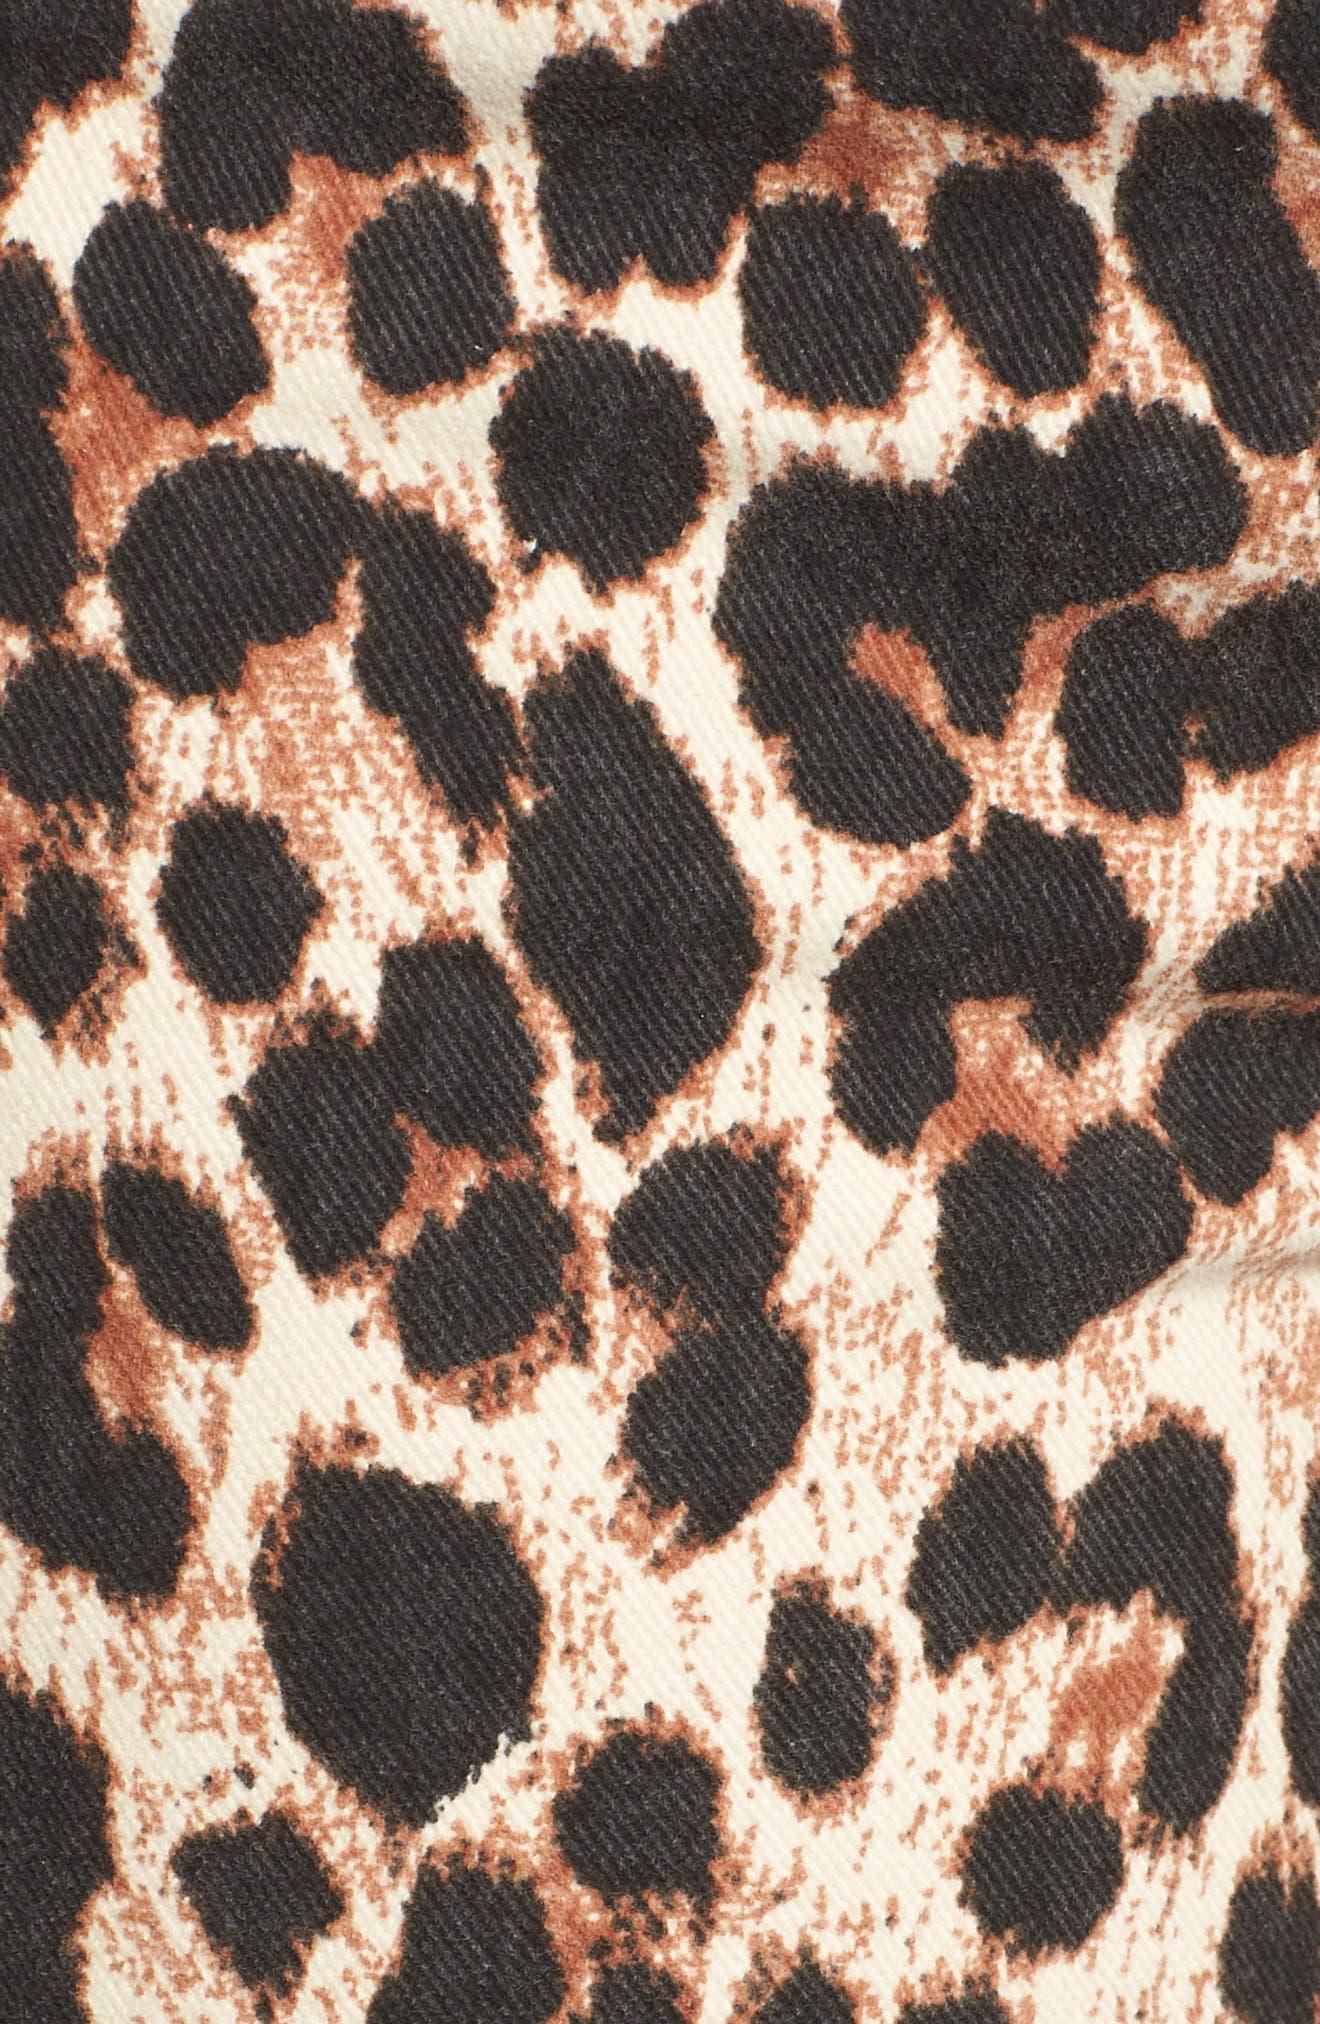 Hoxton High Waist Ankle Straight Leg Jeans,                             Alternate thumbnail 6, color,                             SAHARA LEOPARD